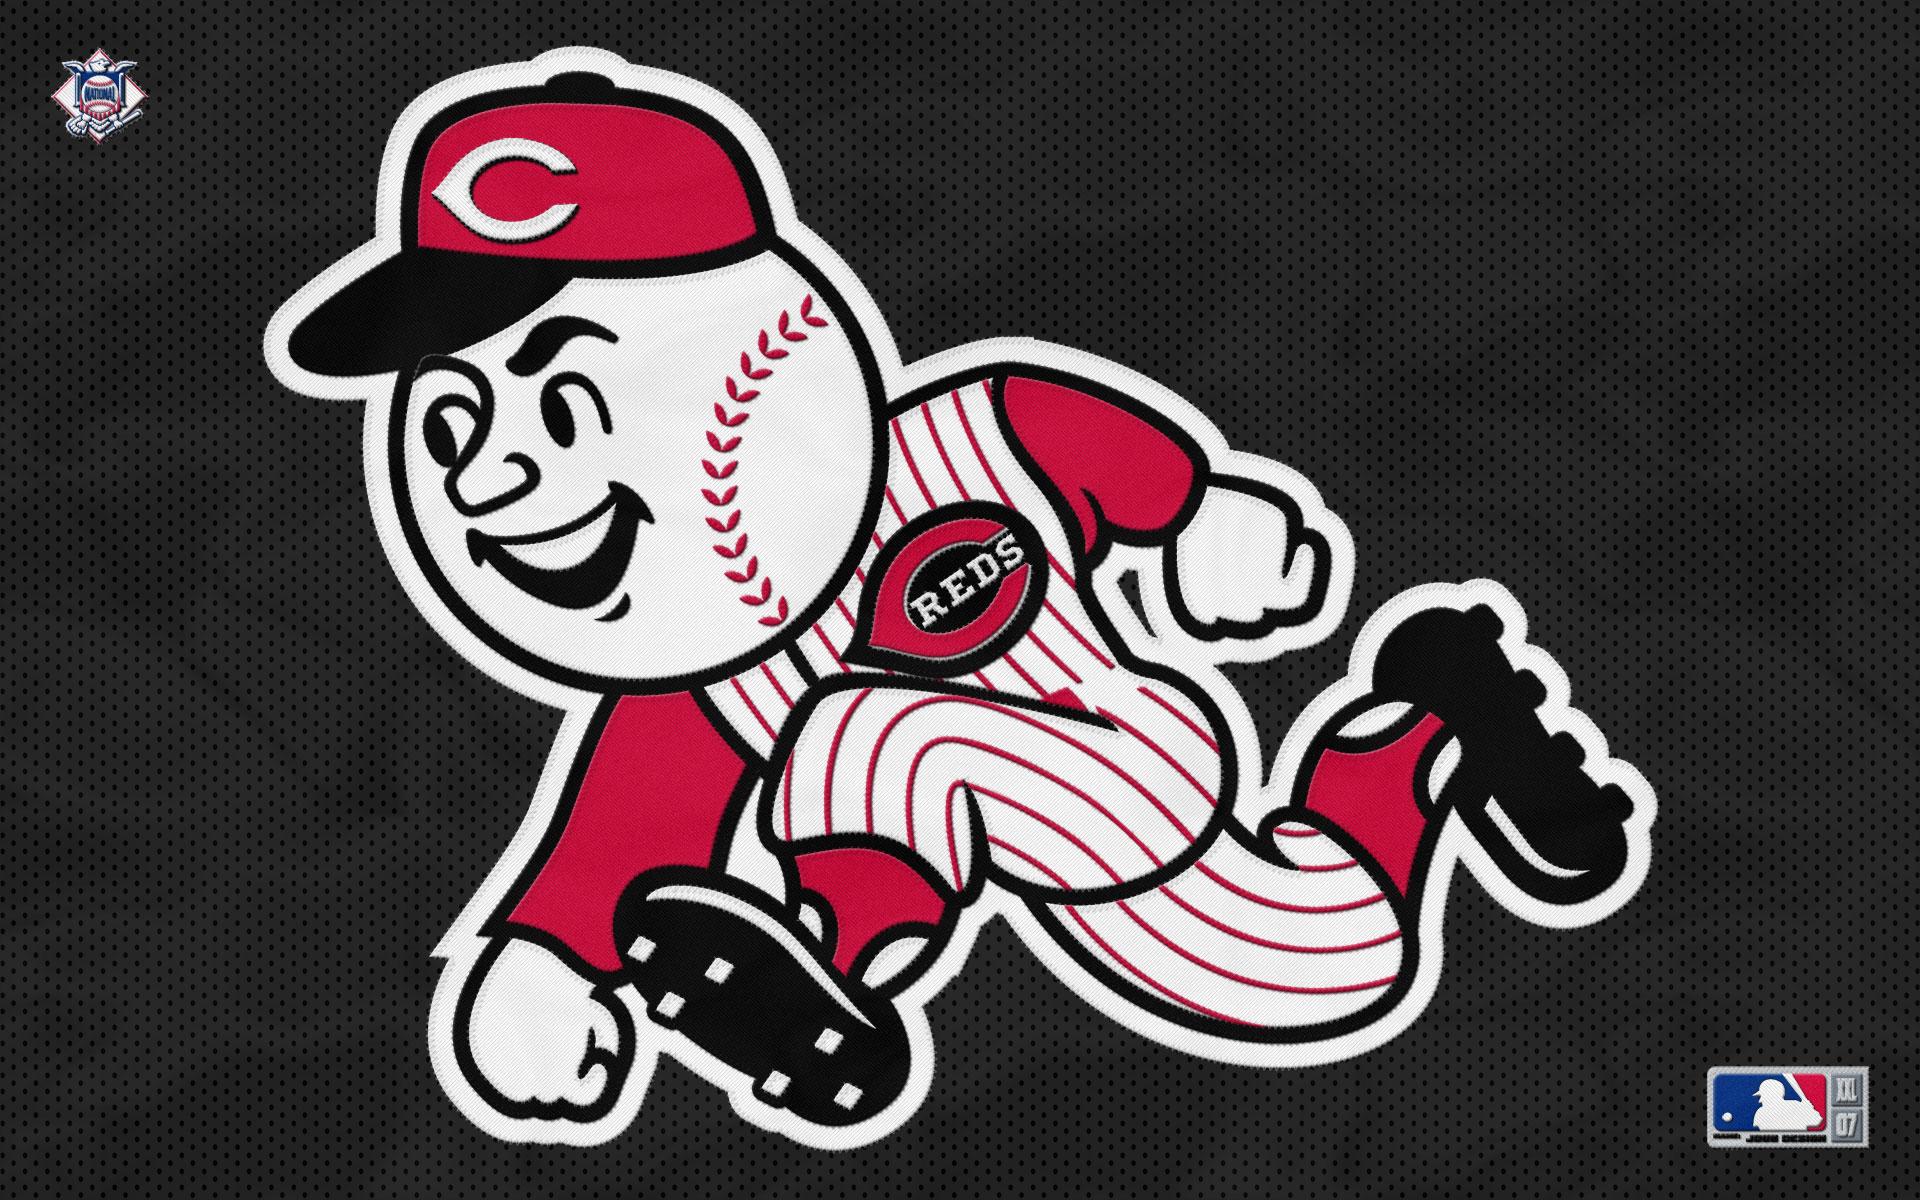 Download Cincinnati Reds Iphone Wallpaper Gallery